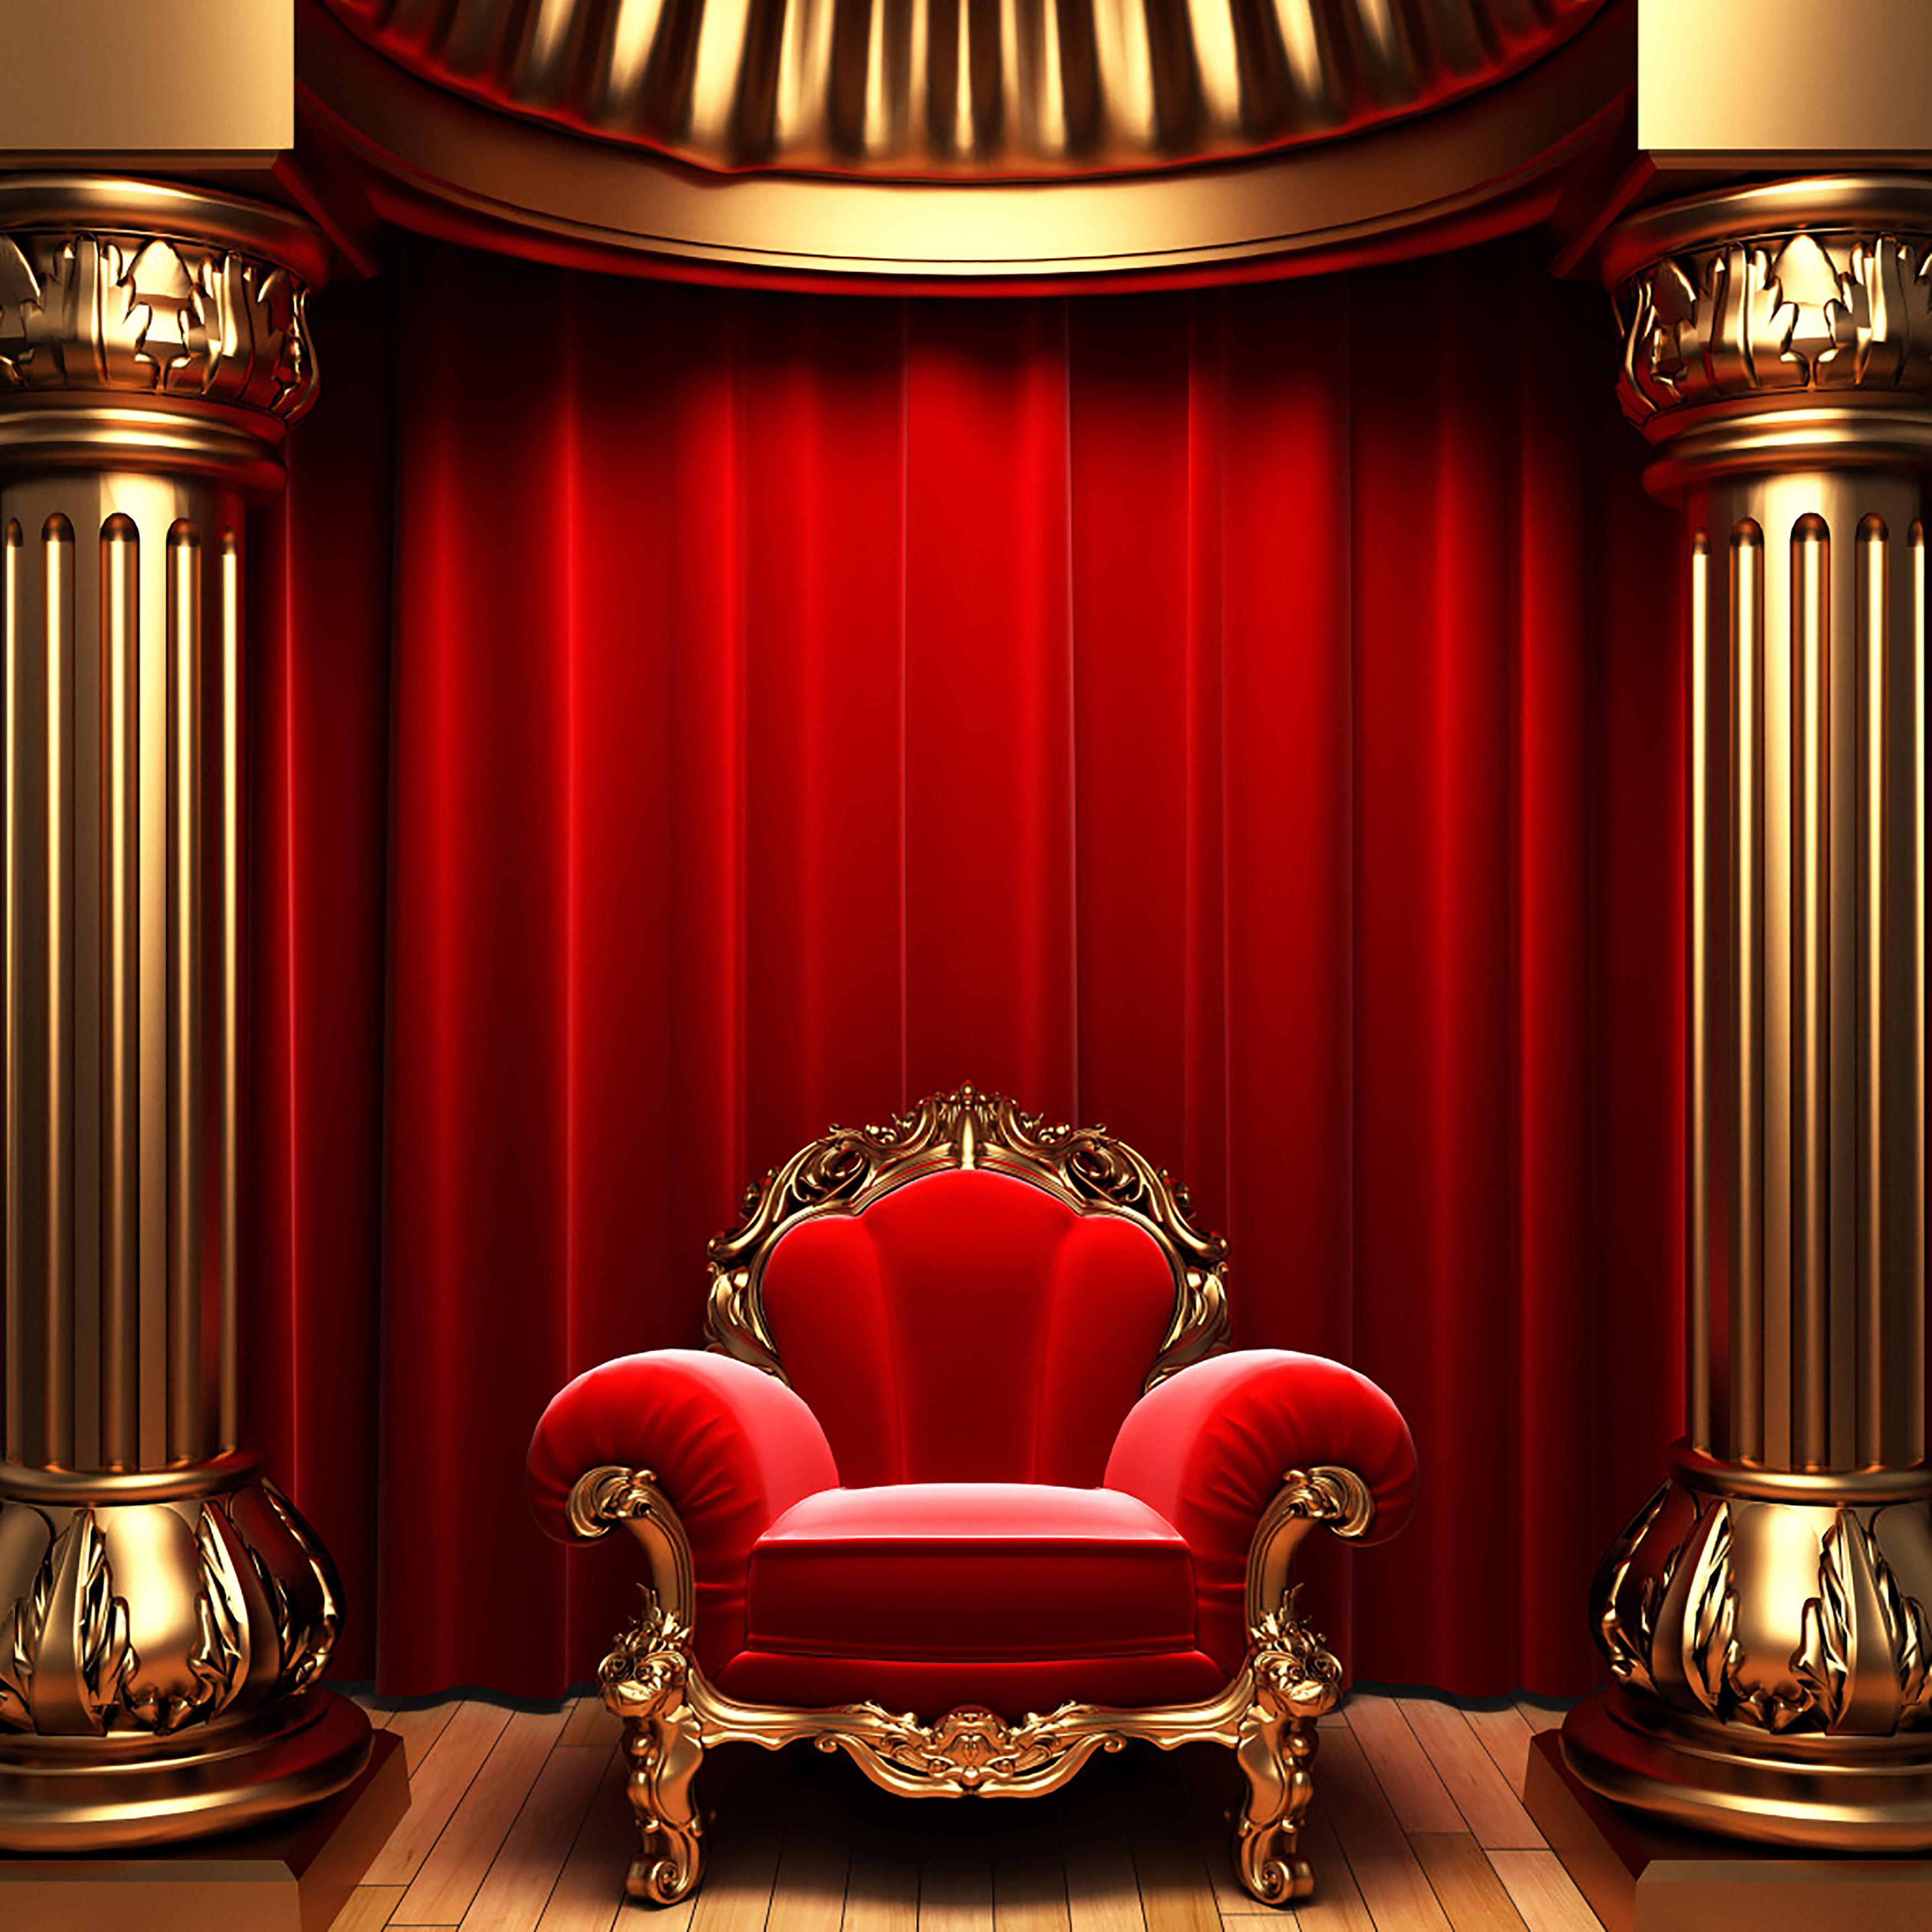 telon de teatro cortina ciego trono antecedentes silla de